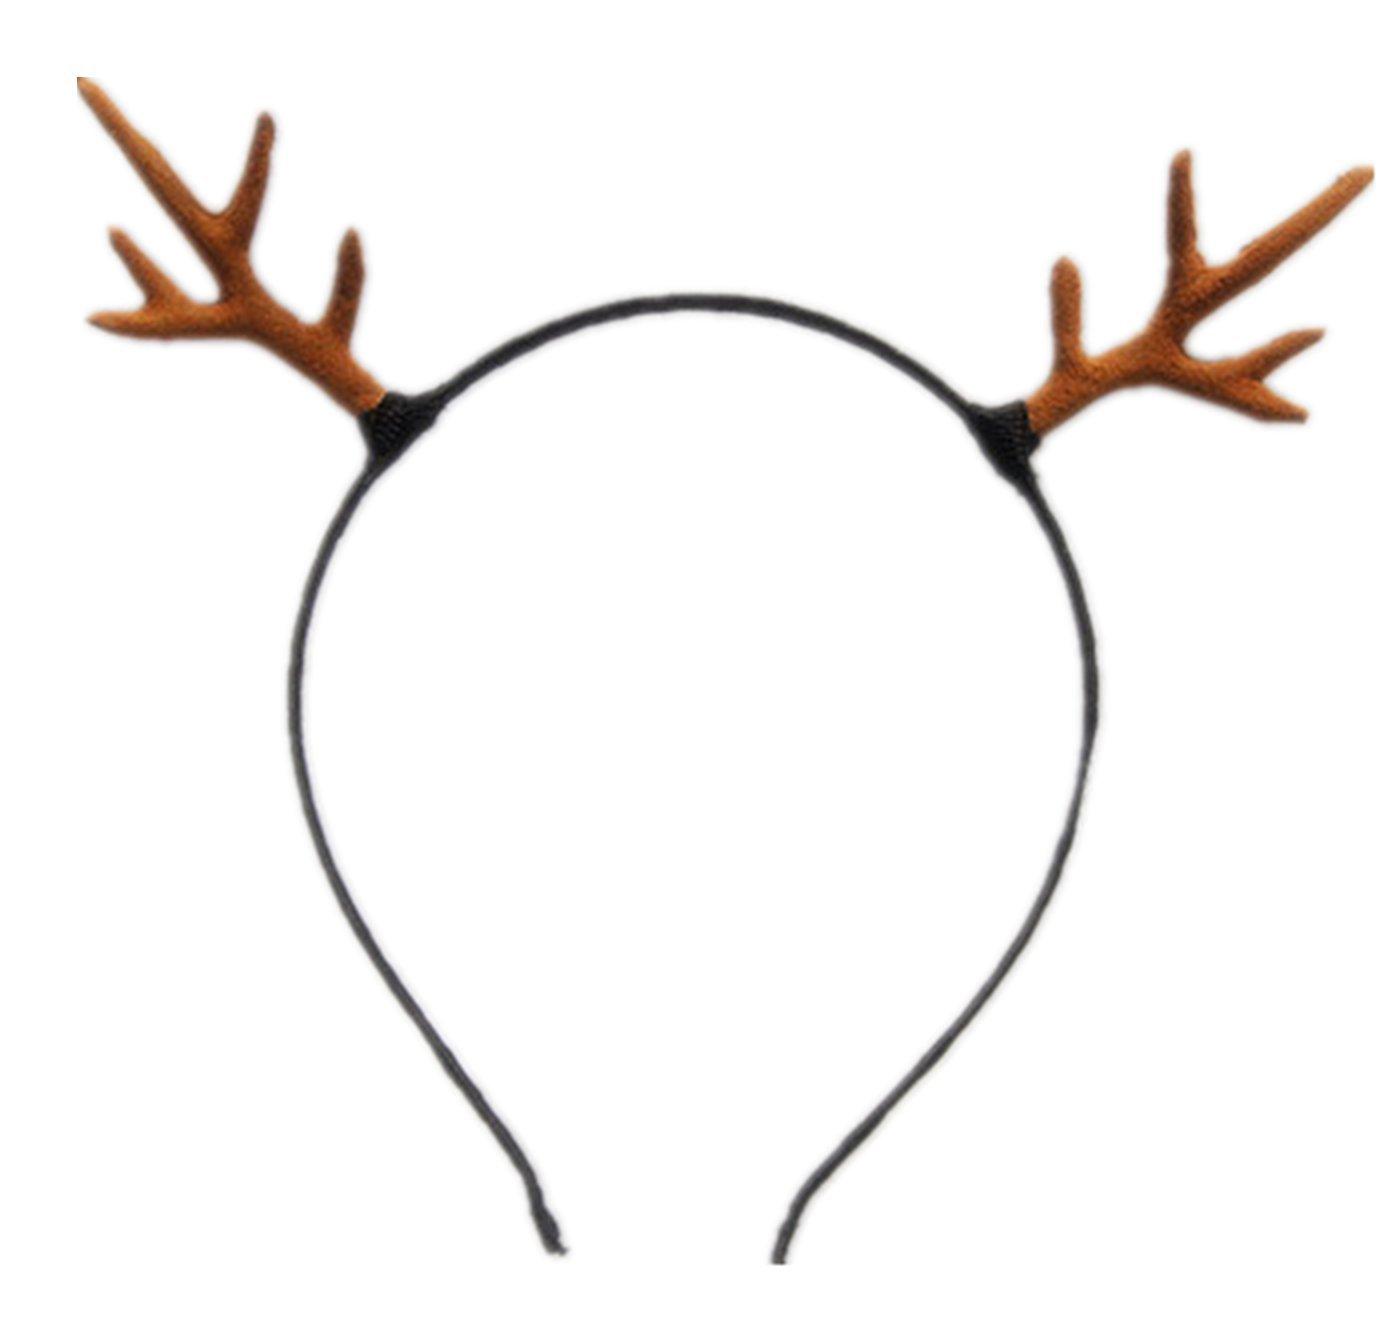 Bear Boys Small Reindeer Elk Antlers Headband (Brown) by Bear boys